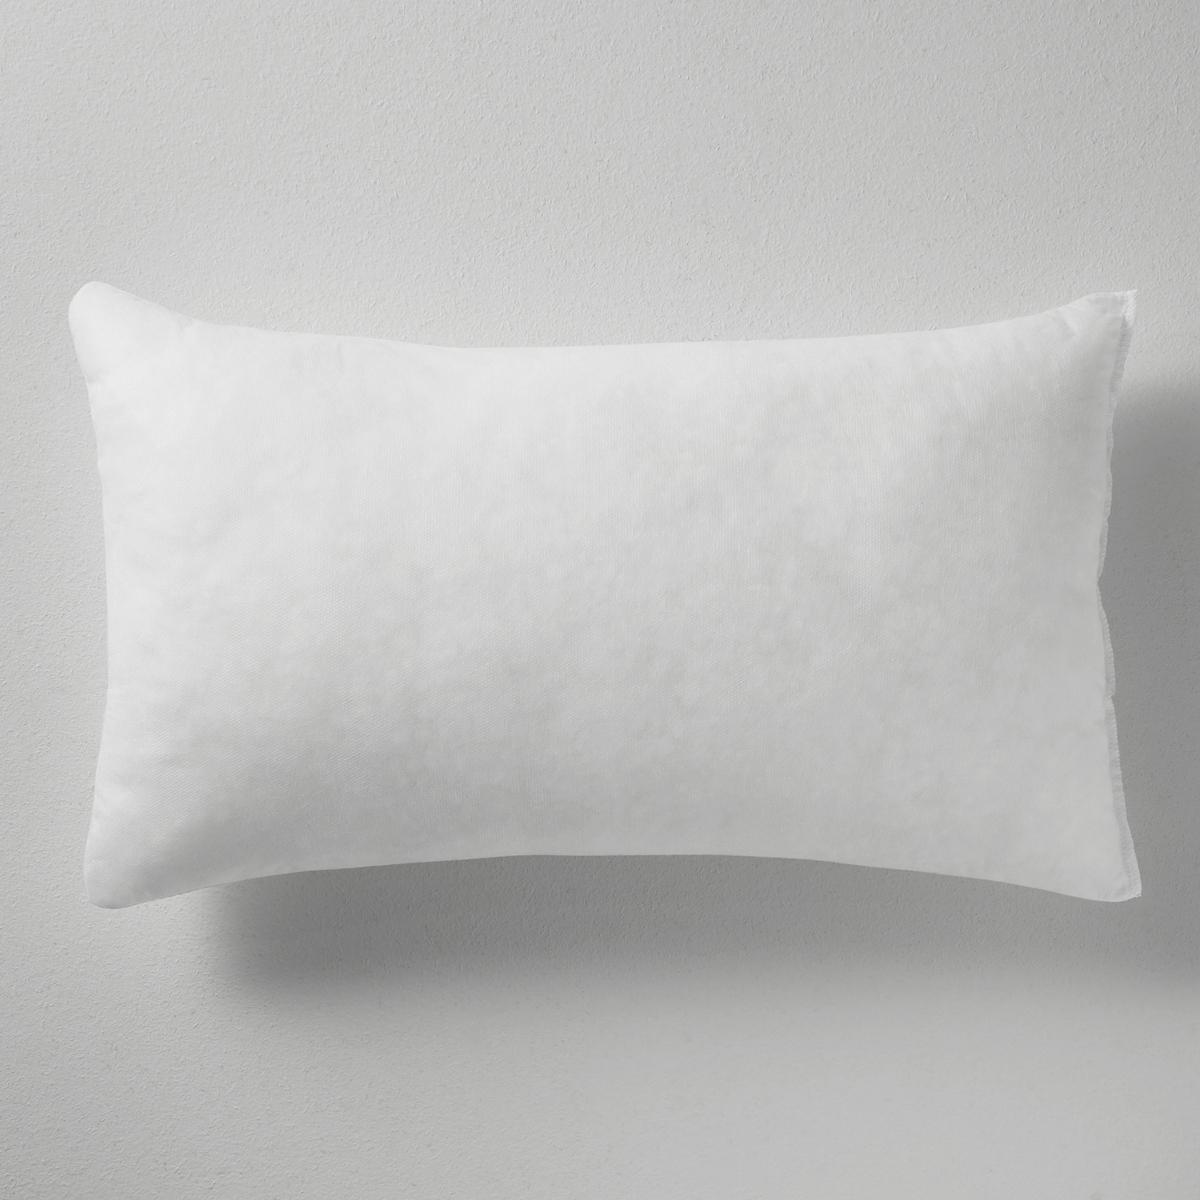 Подушка с синтетическим наполнителем InПодушка с синтетическим наполнителем In. 4 размера на выбор.Материал :  - Поверхность из тканого материала 100% полипропилена.  - Наполнитель из 100% переработанного полиэстера.<br><br>Цвет: белый<br>Размер: 50 x 30 см.40 x 40  см